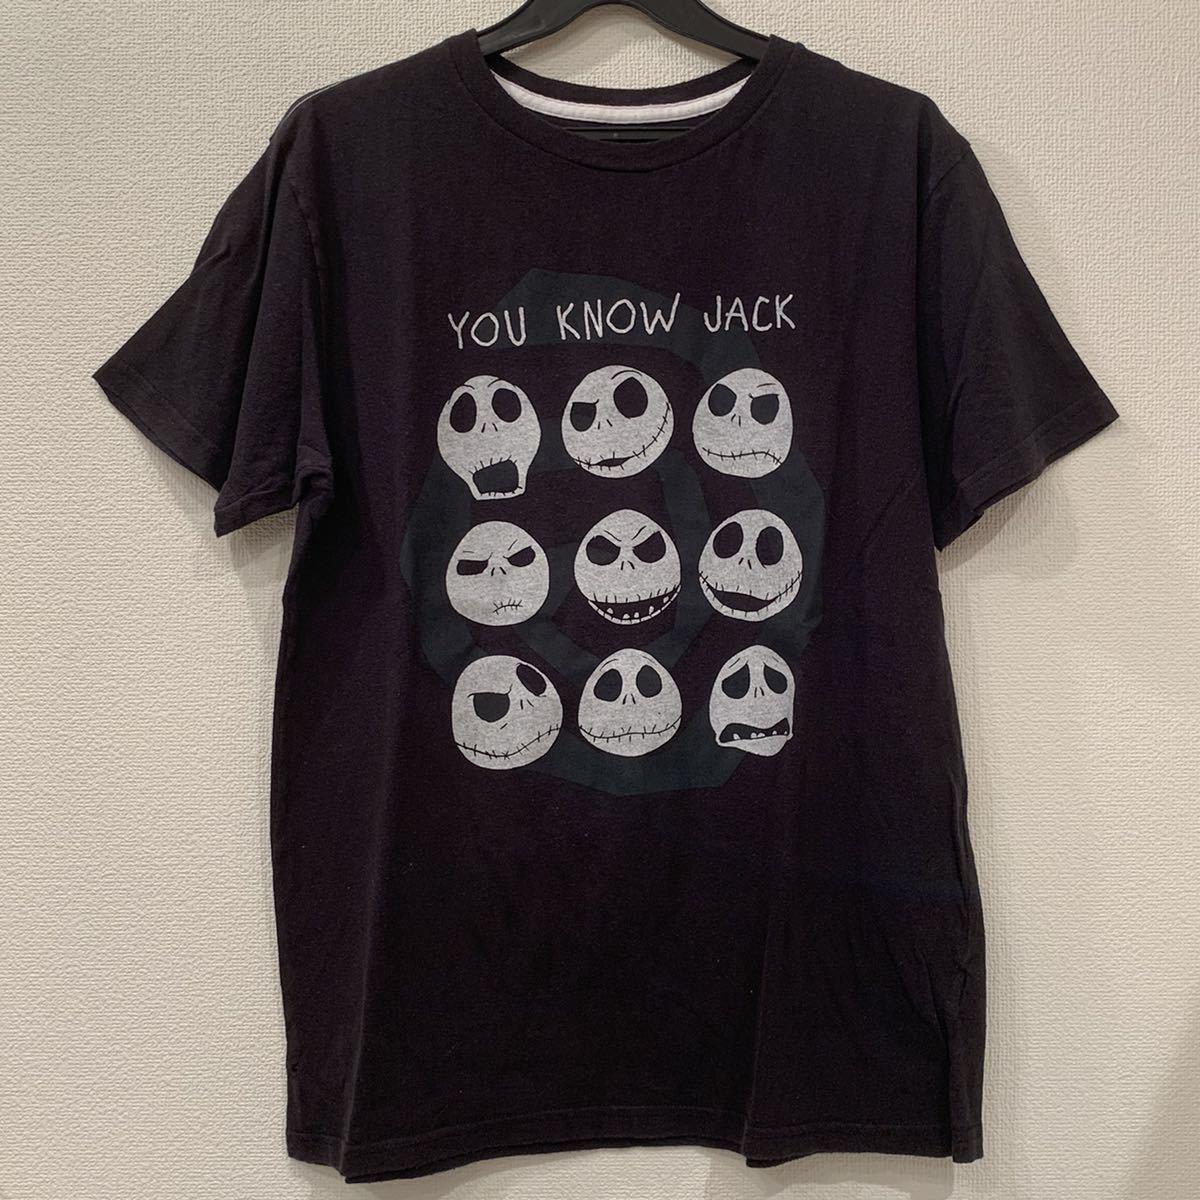 【USAキャラクター古着】激安3000円スタート 半袖Tシャツ 2枚ロンT セット まとめ売り 卸 キャラクター MIX レディース【サイズXL】a-23_画像5